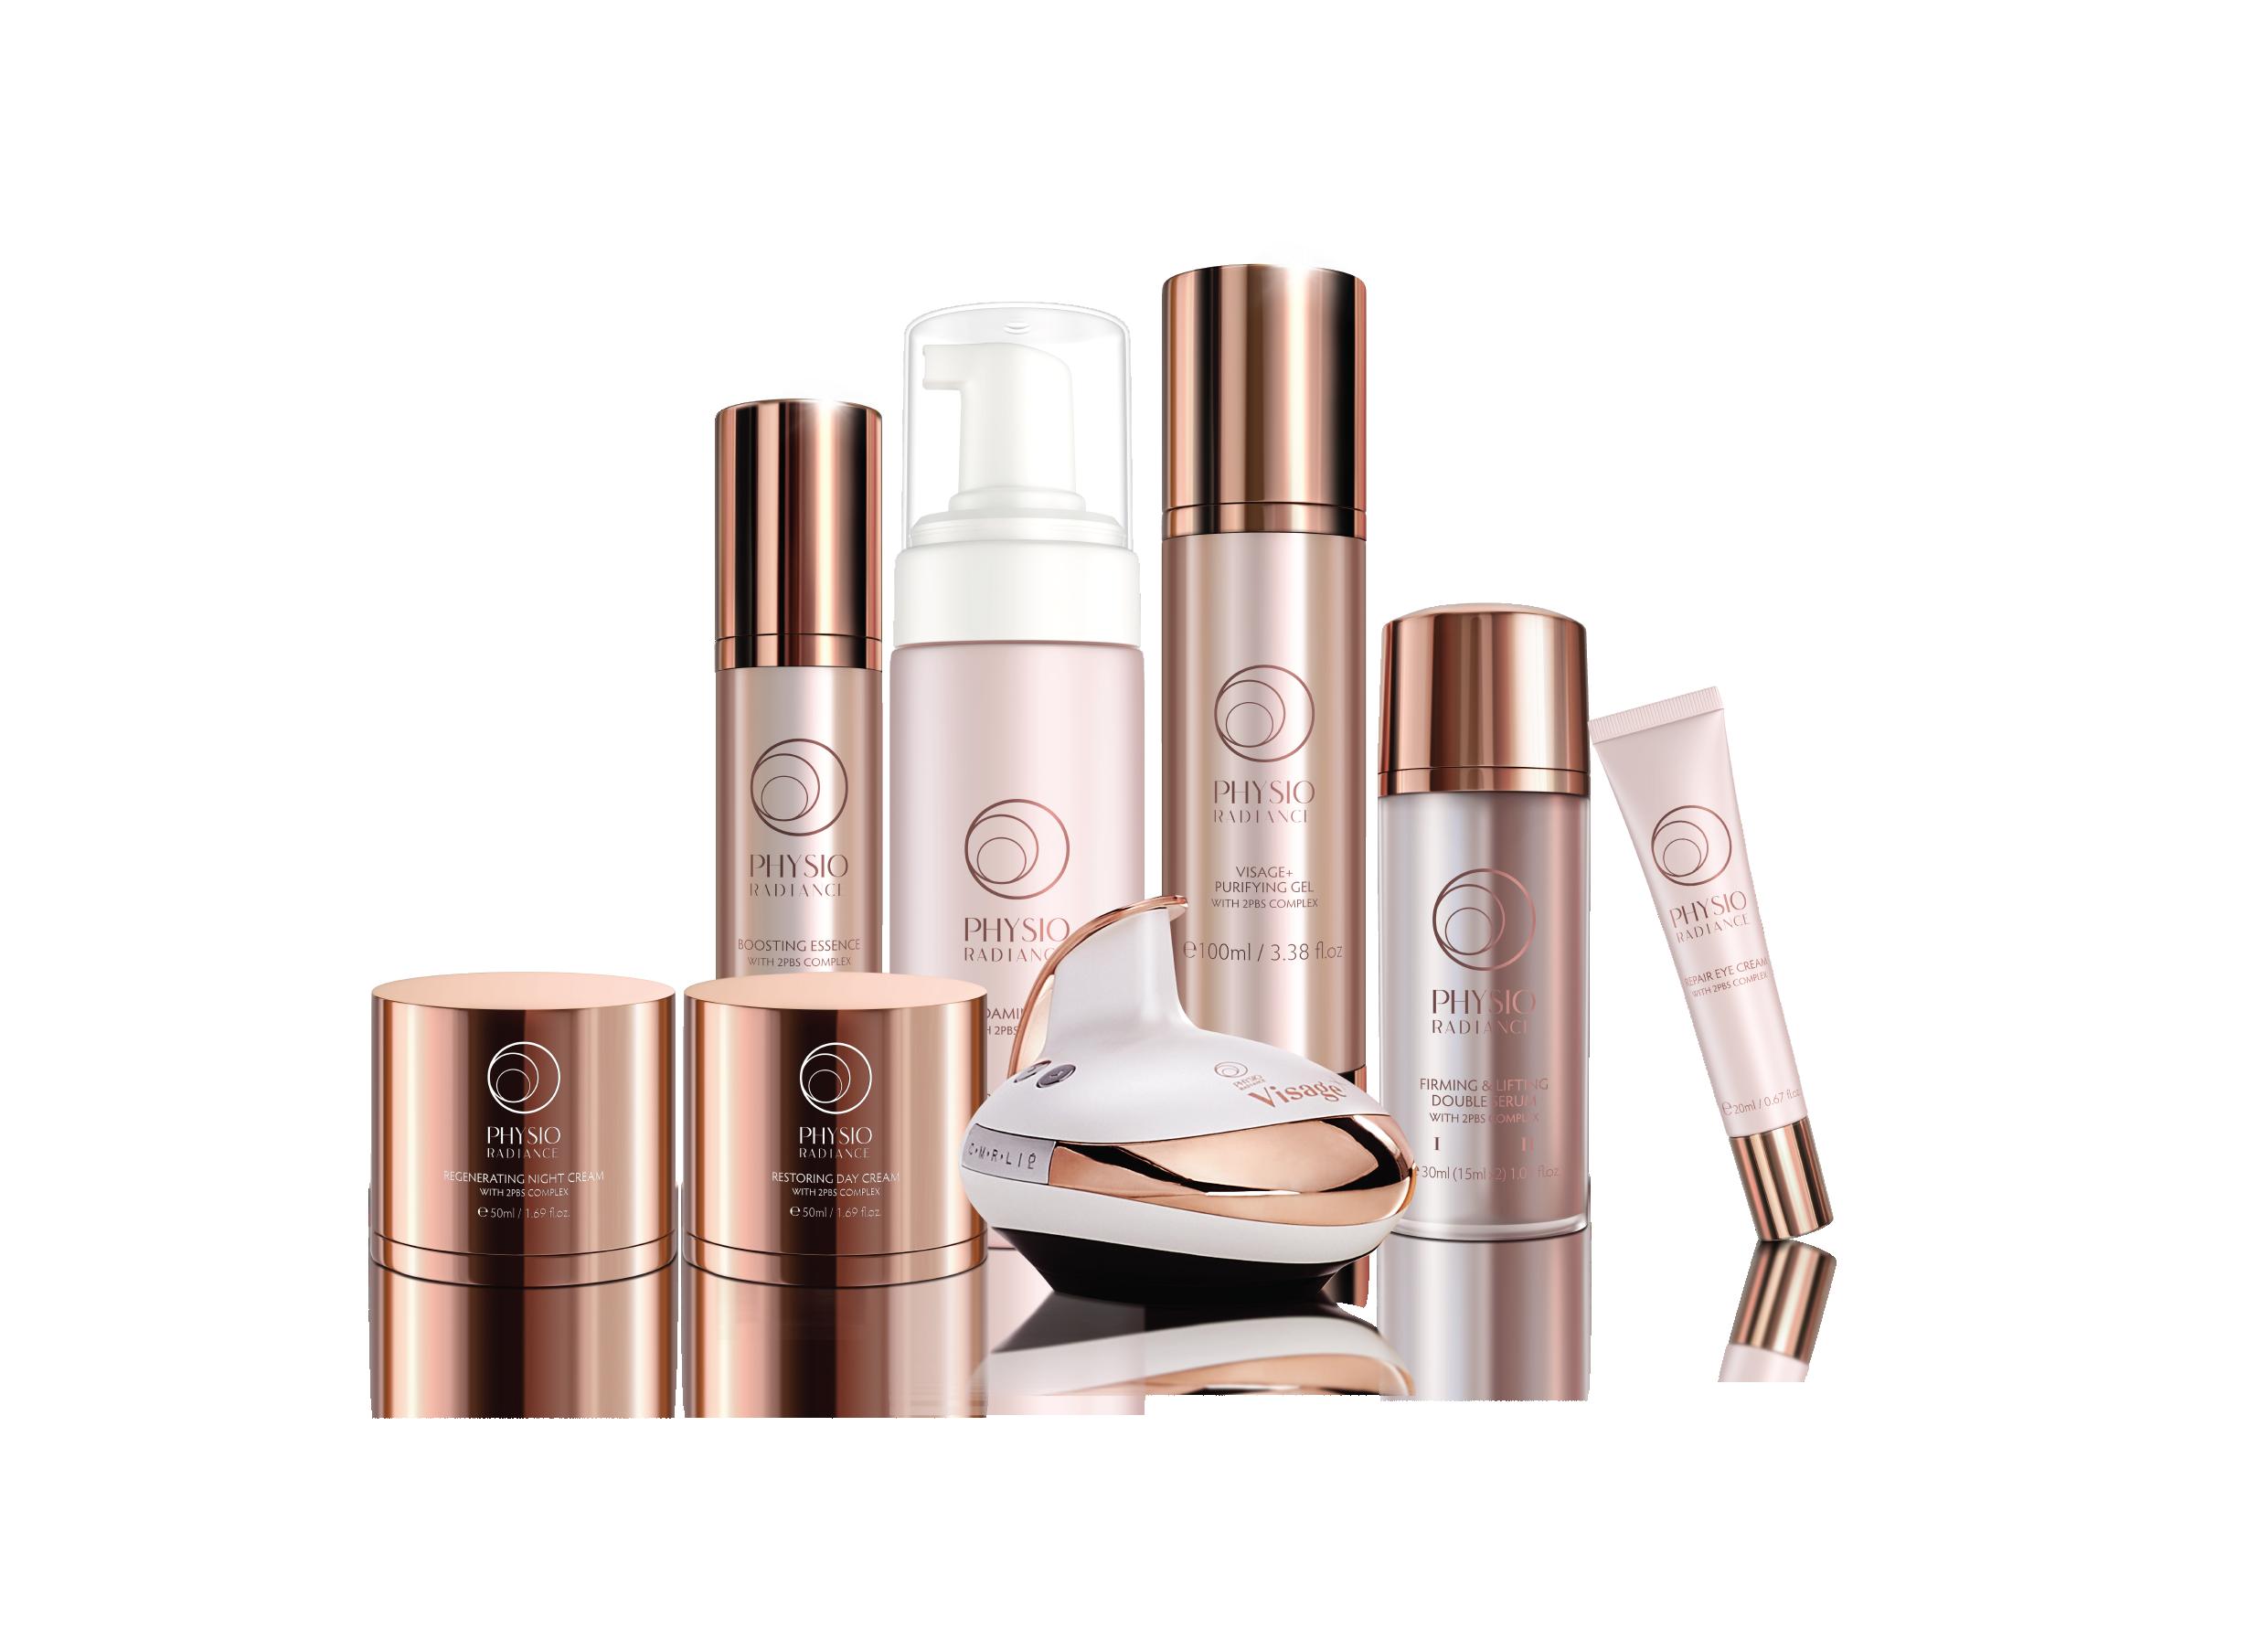 Physio Radiance Skincare